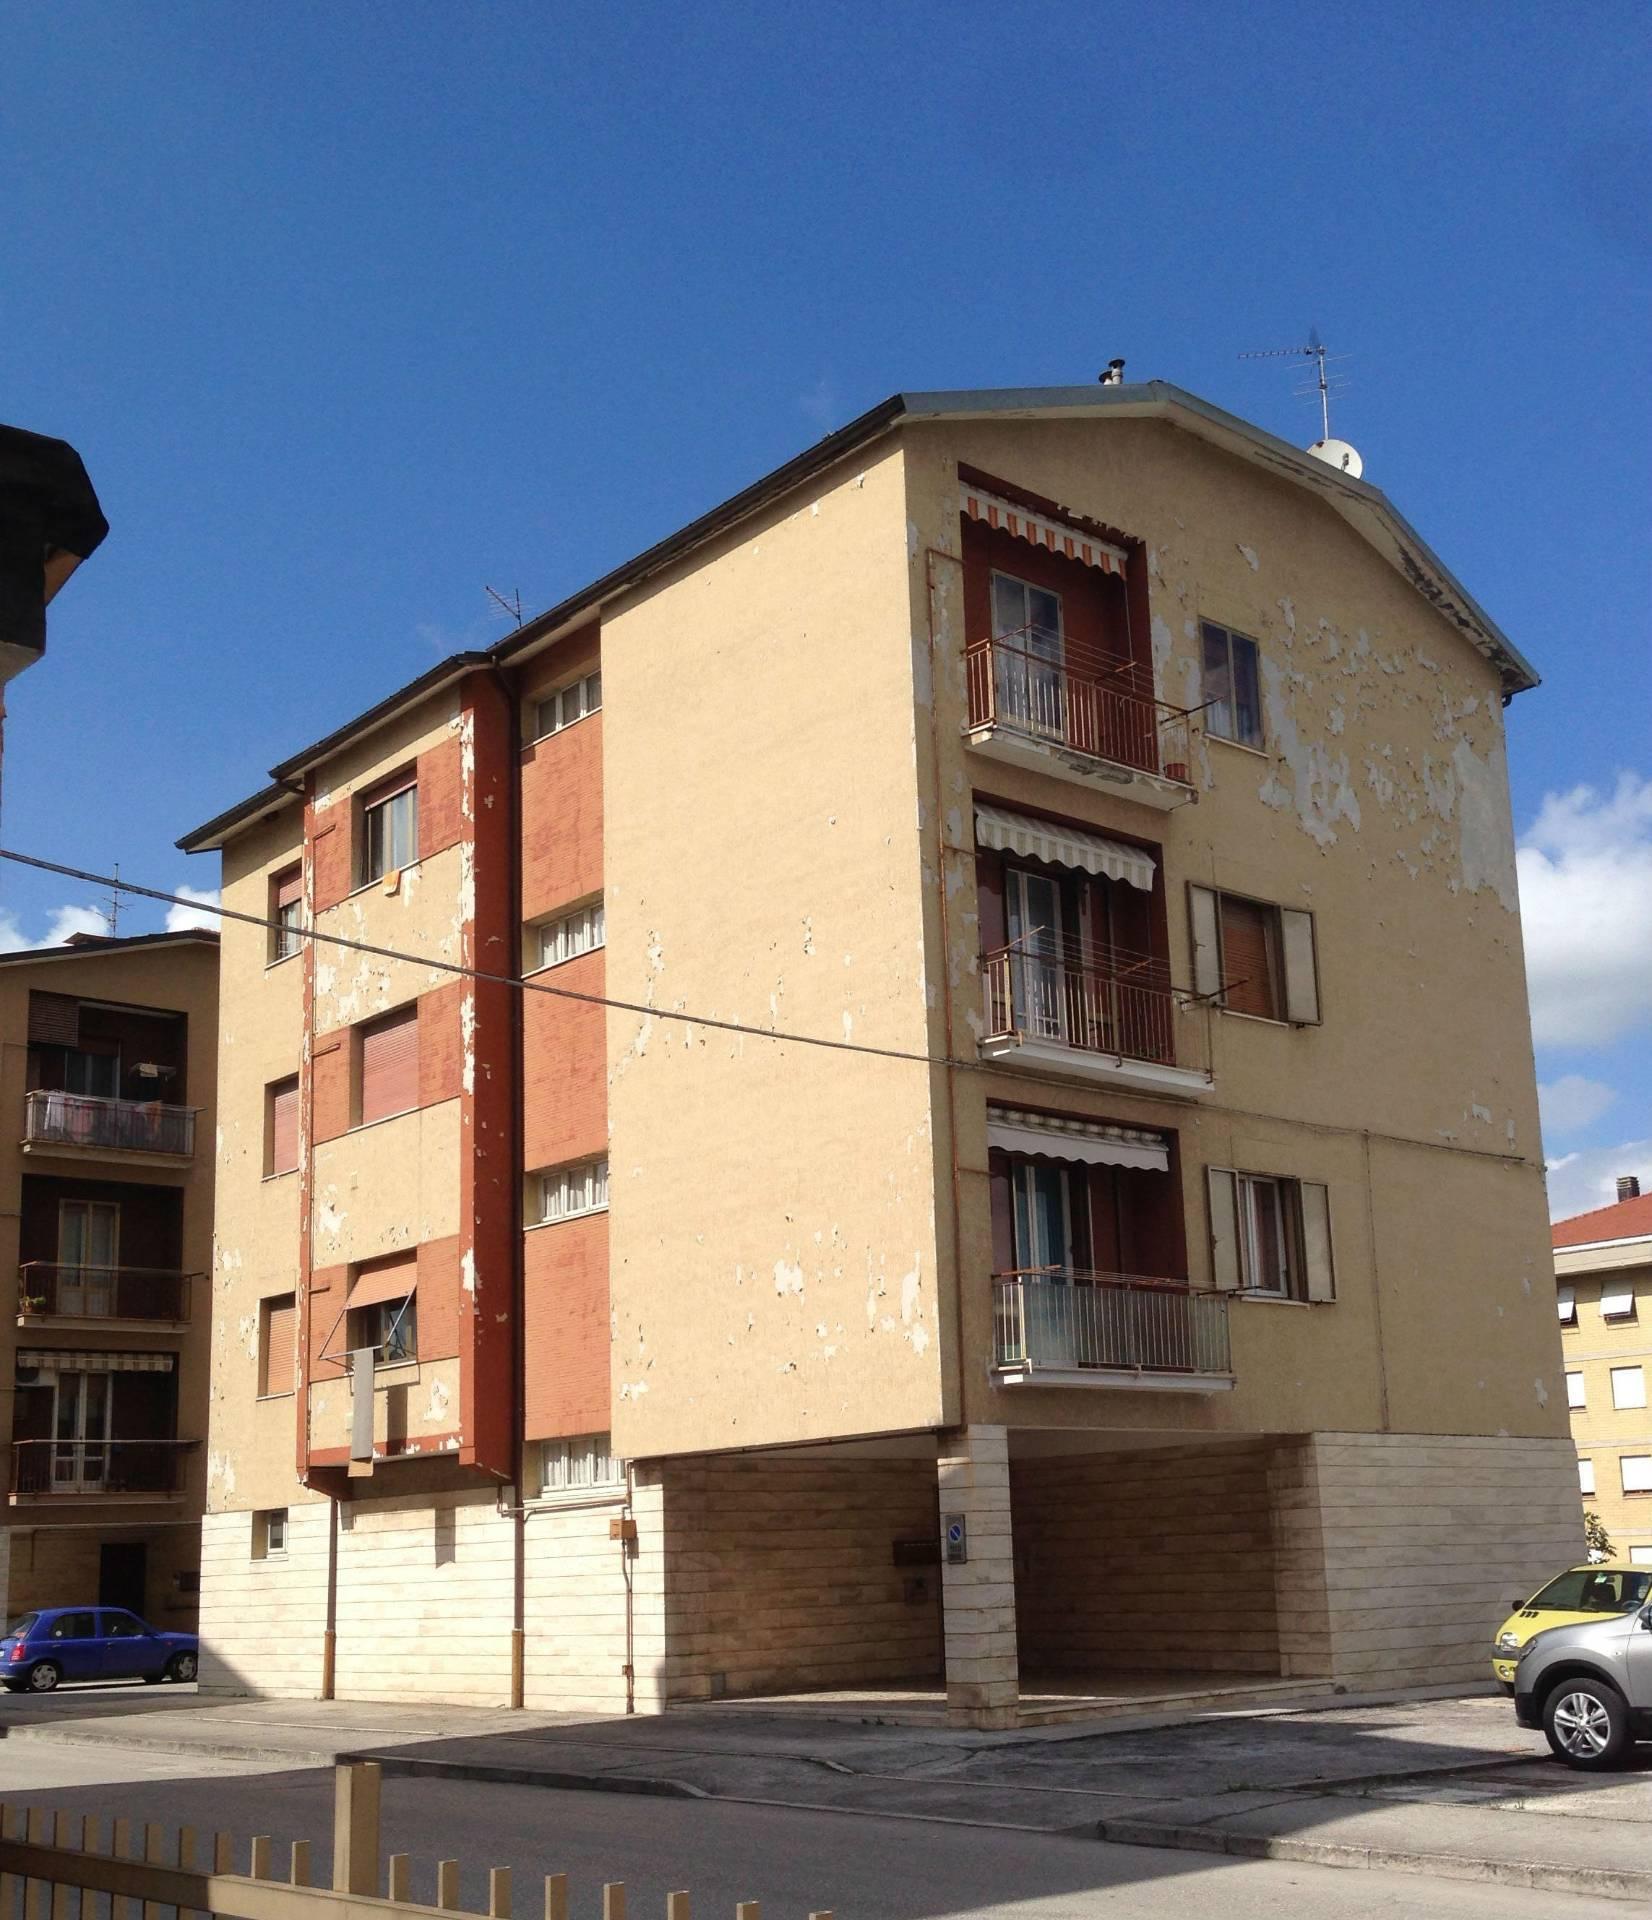 Appartamento in vendita a Fabriano, 5 locali, zona Località: PERIFERIA, prezzo € 60.000   CambioCasa.it